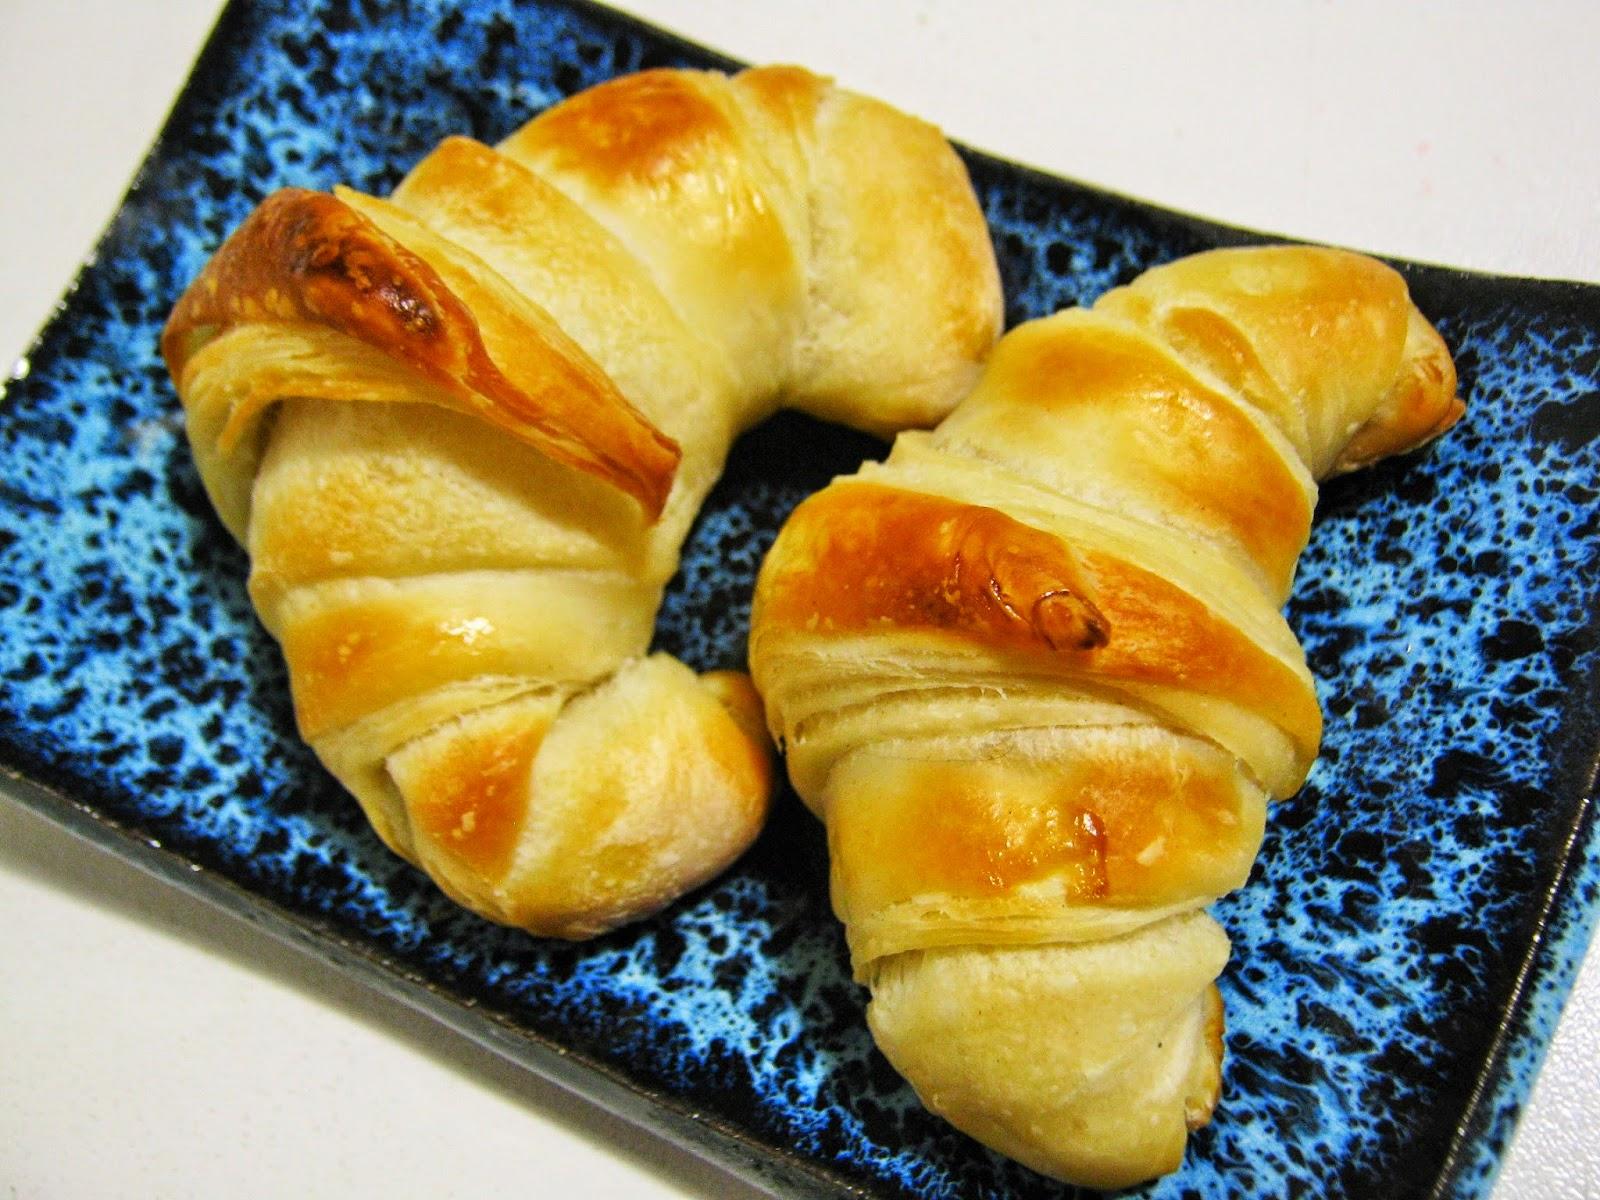 e piccoli panini sfogliati  turchi, Katmer pogaca